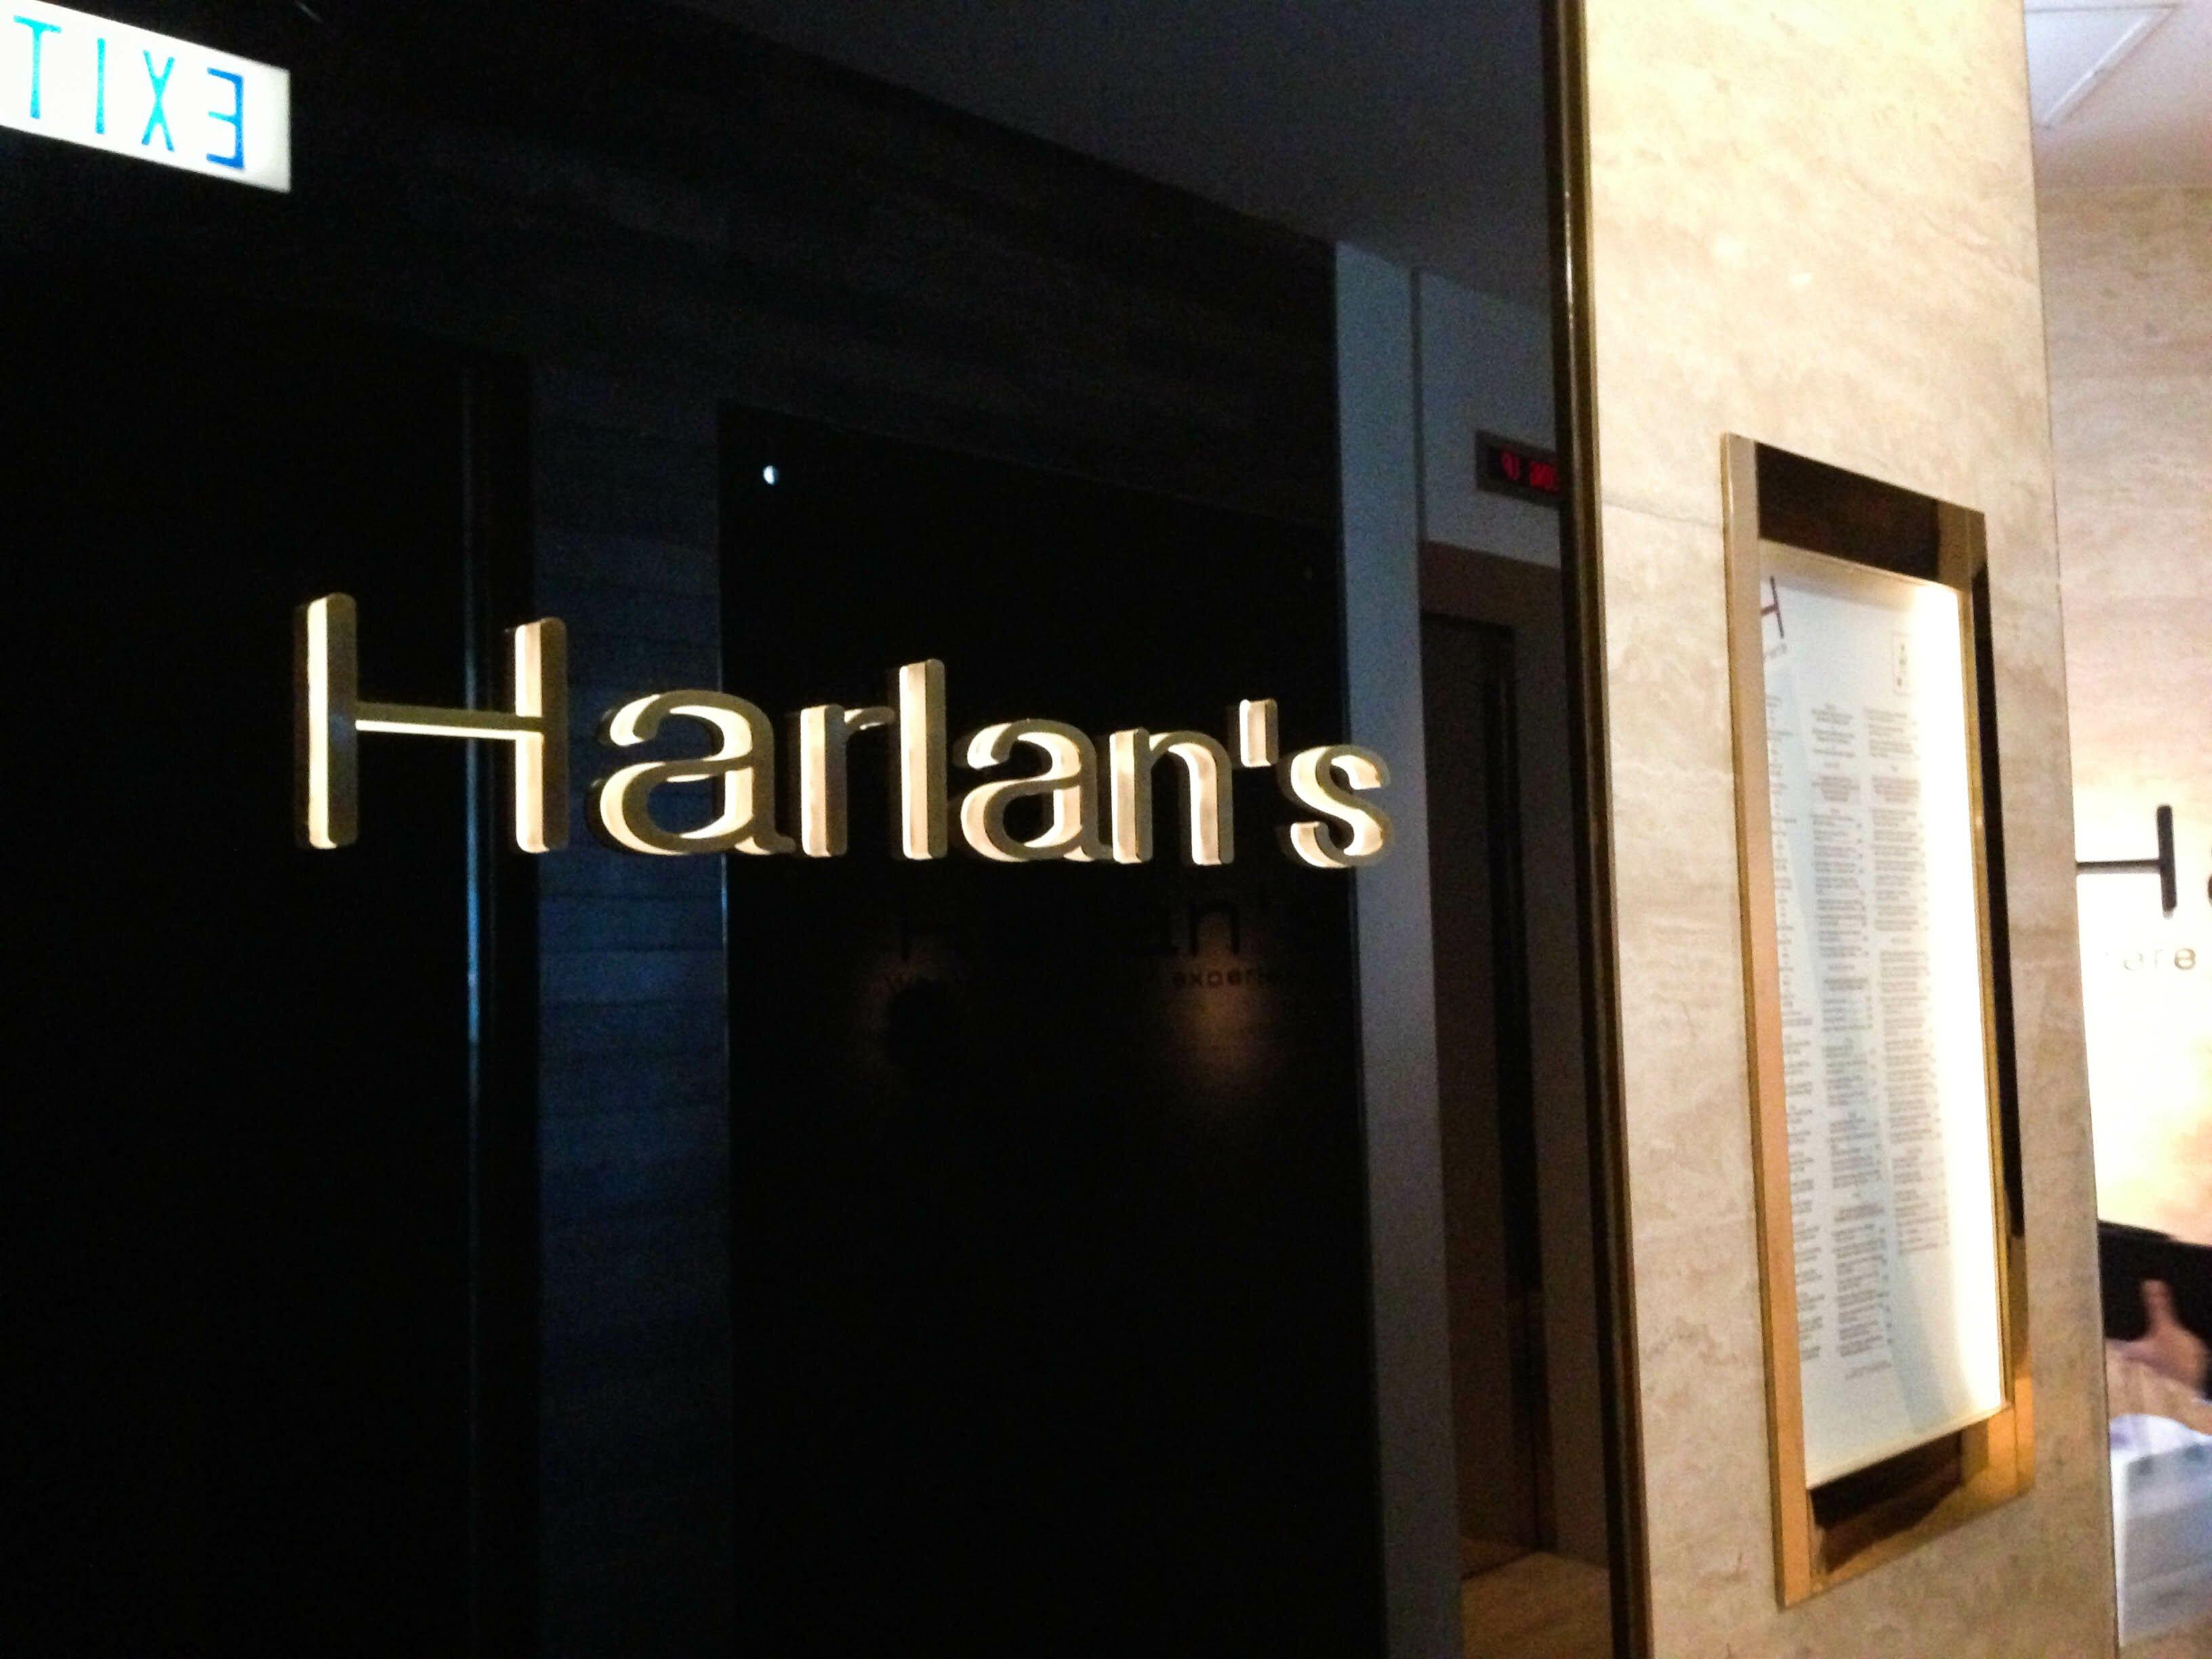 Hong Kong Travels: Harlan's